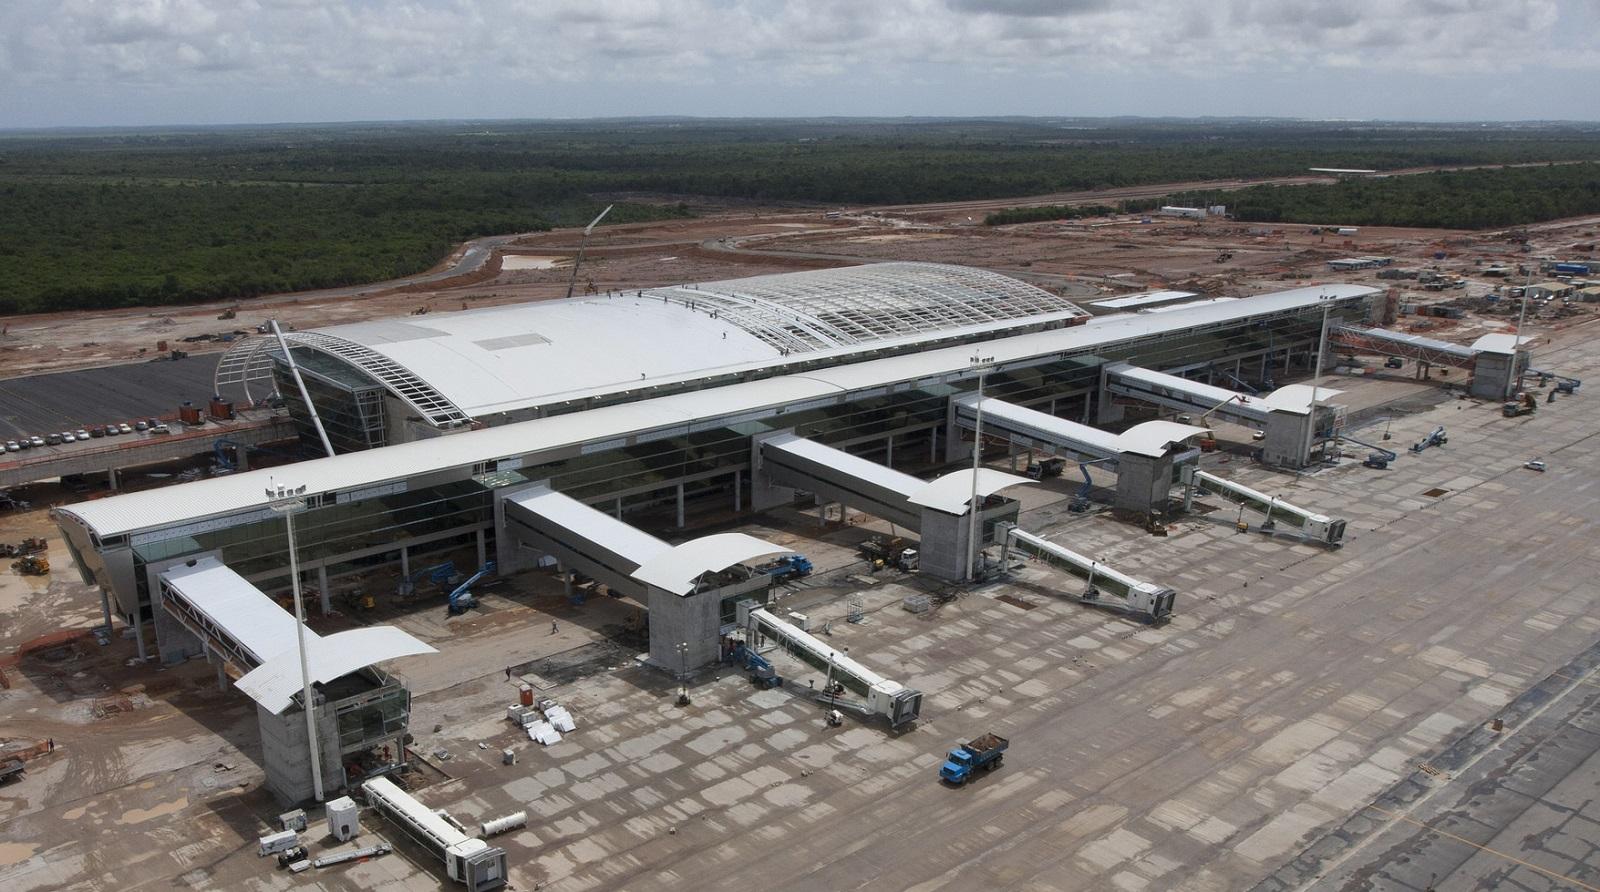 Aeroporto Vix : Es aeroportos do estado page skyscrapercity